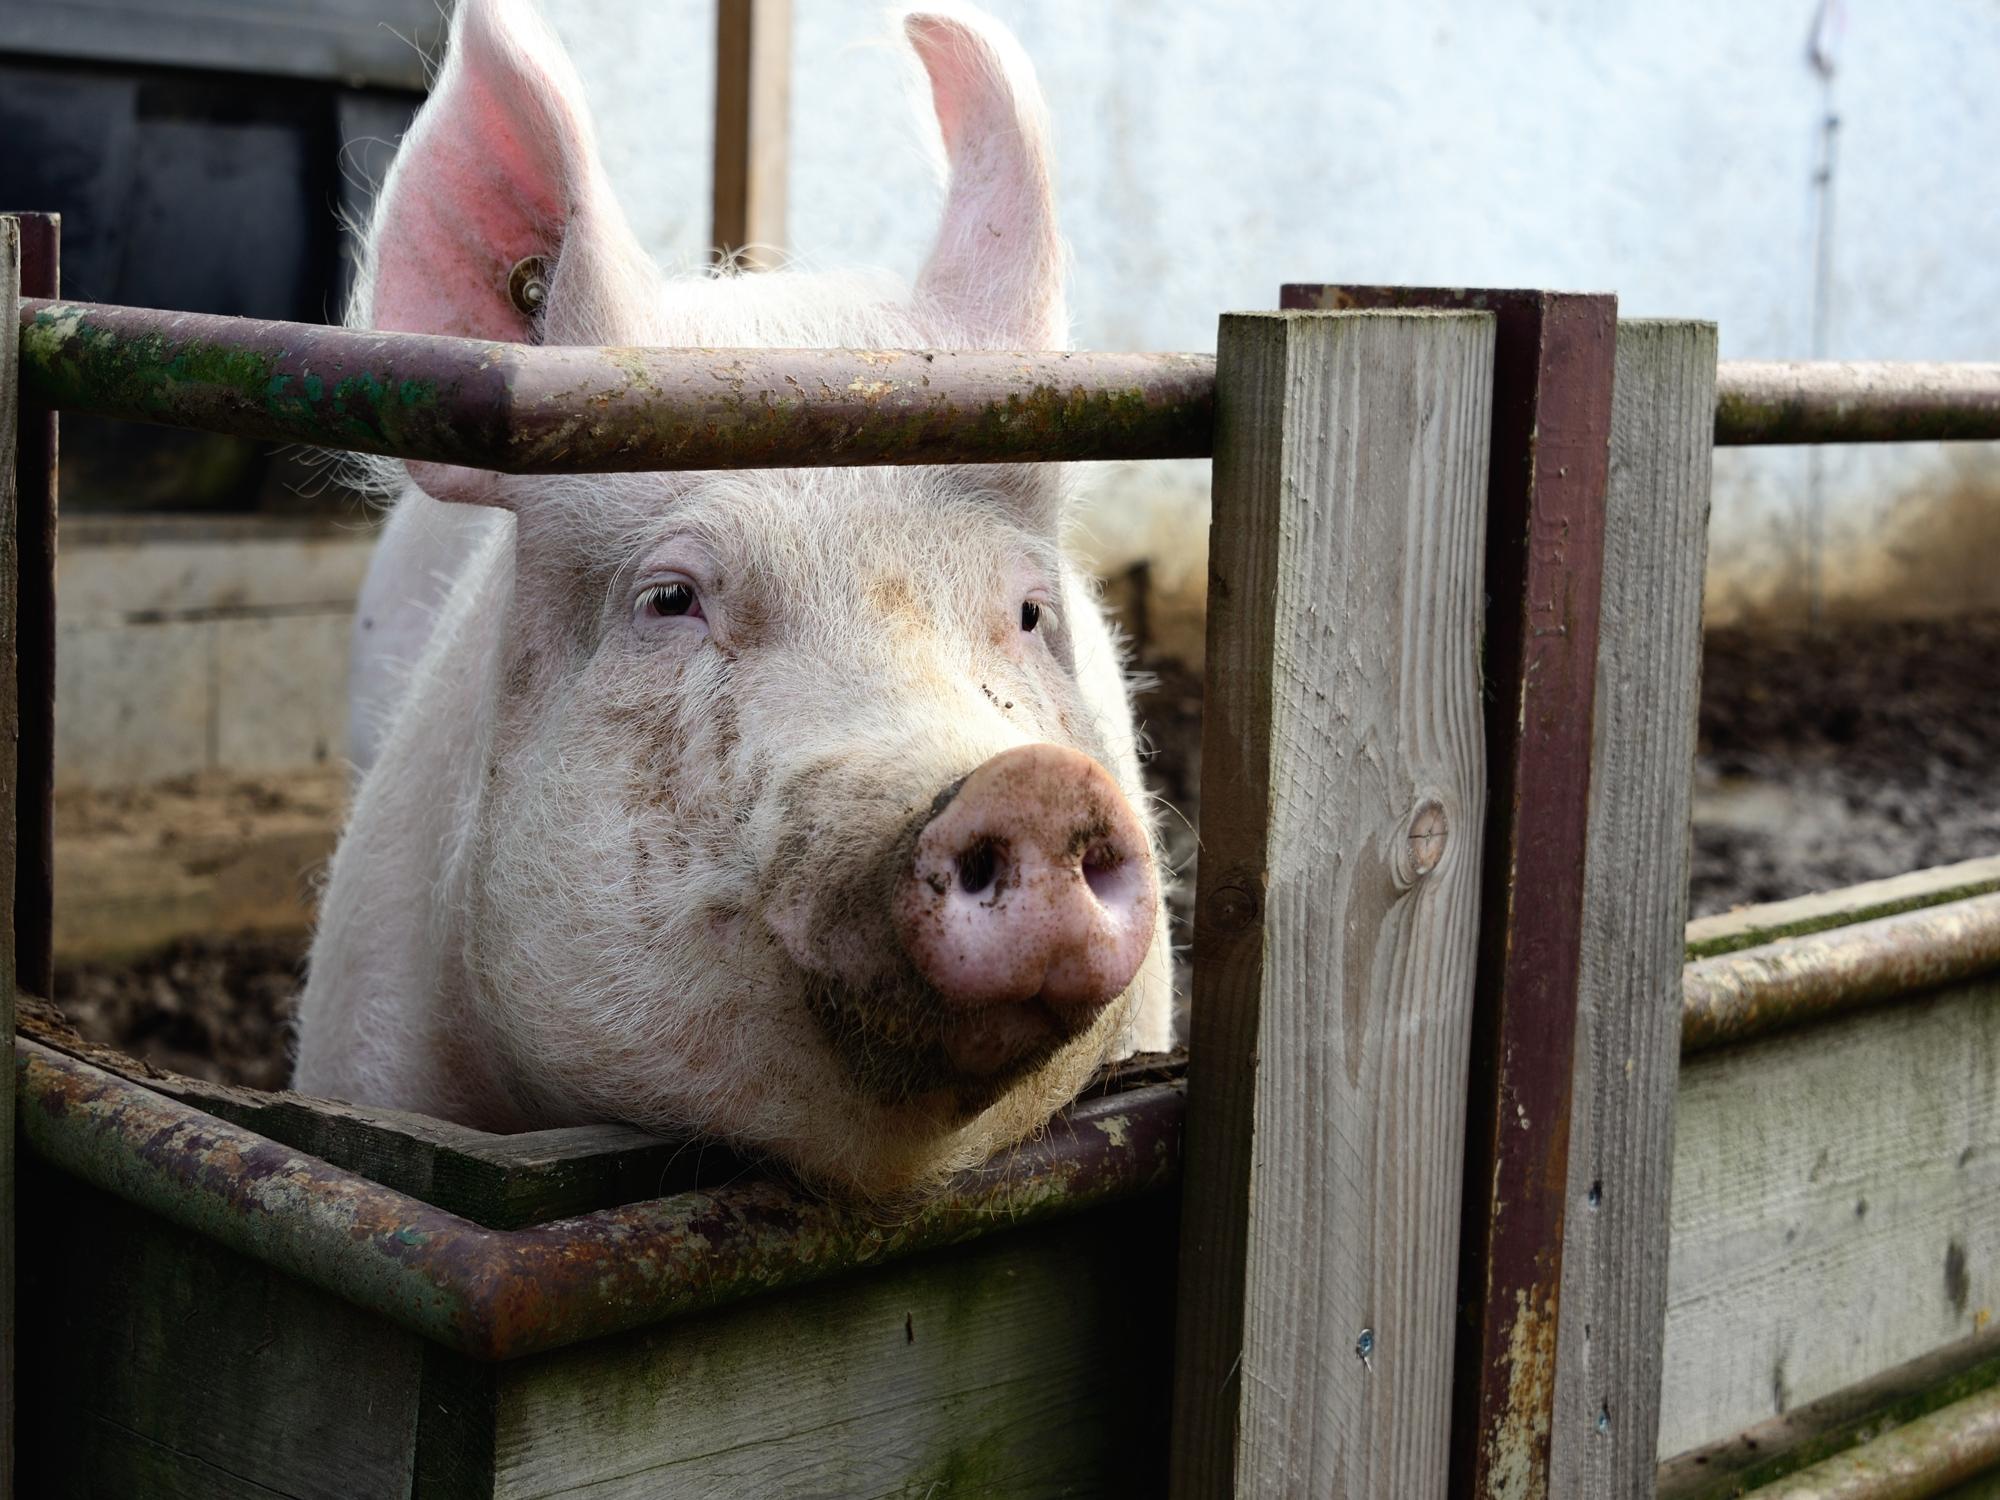 368_Piggy_2499.jpg